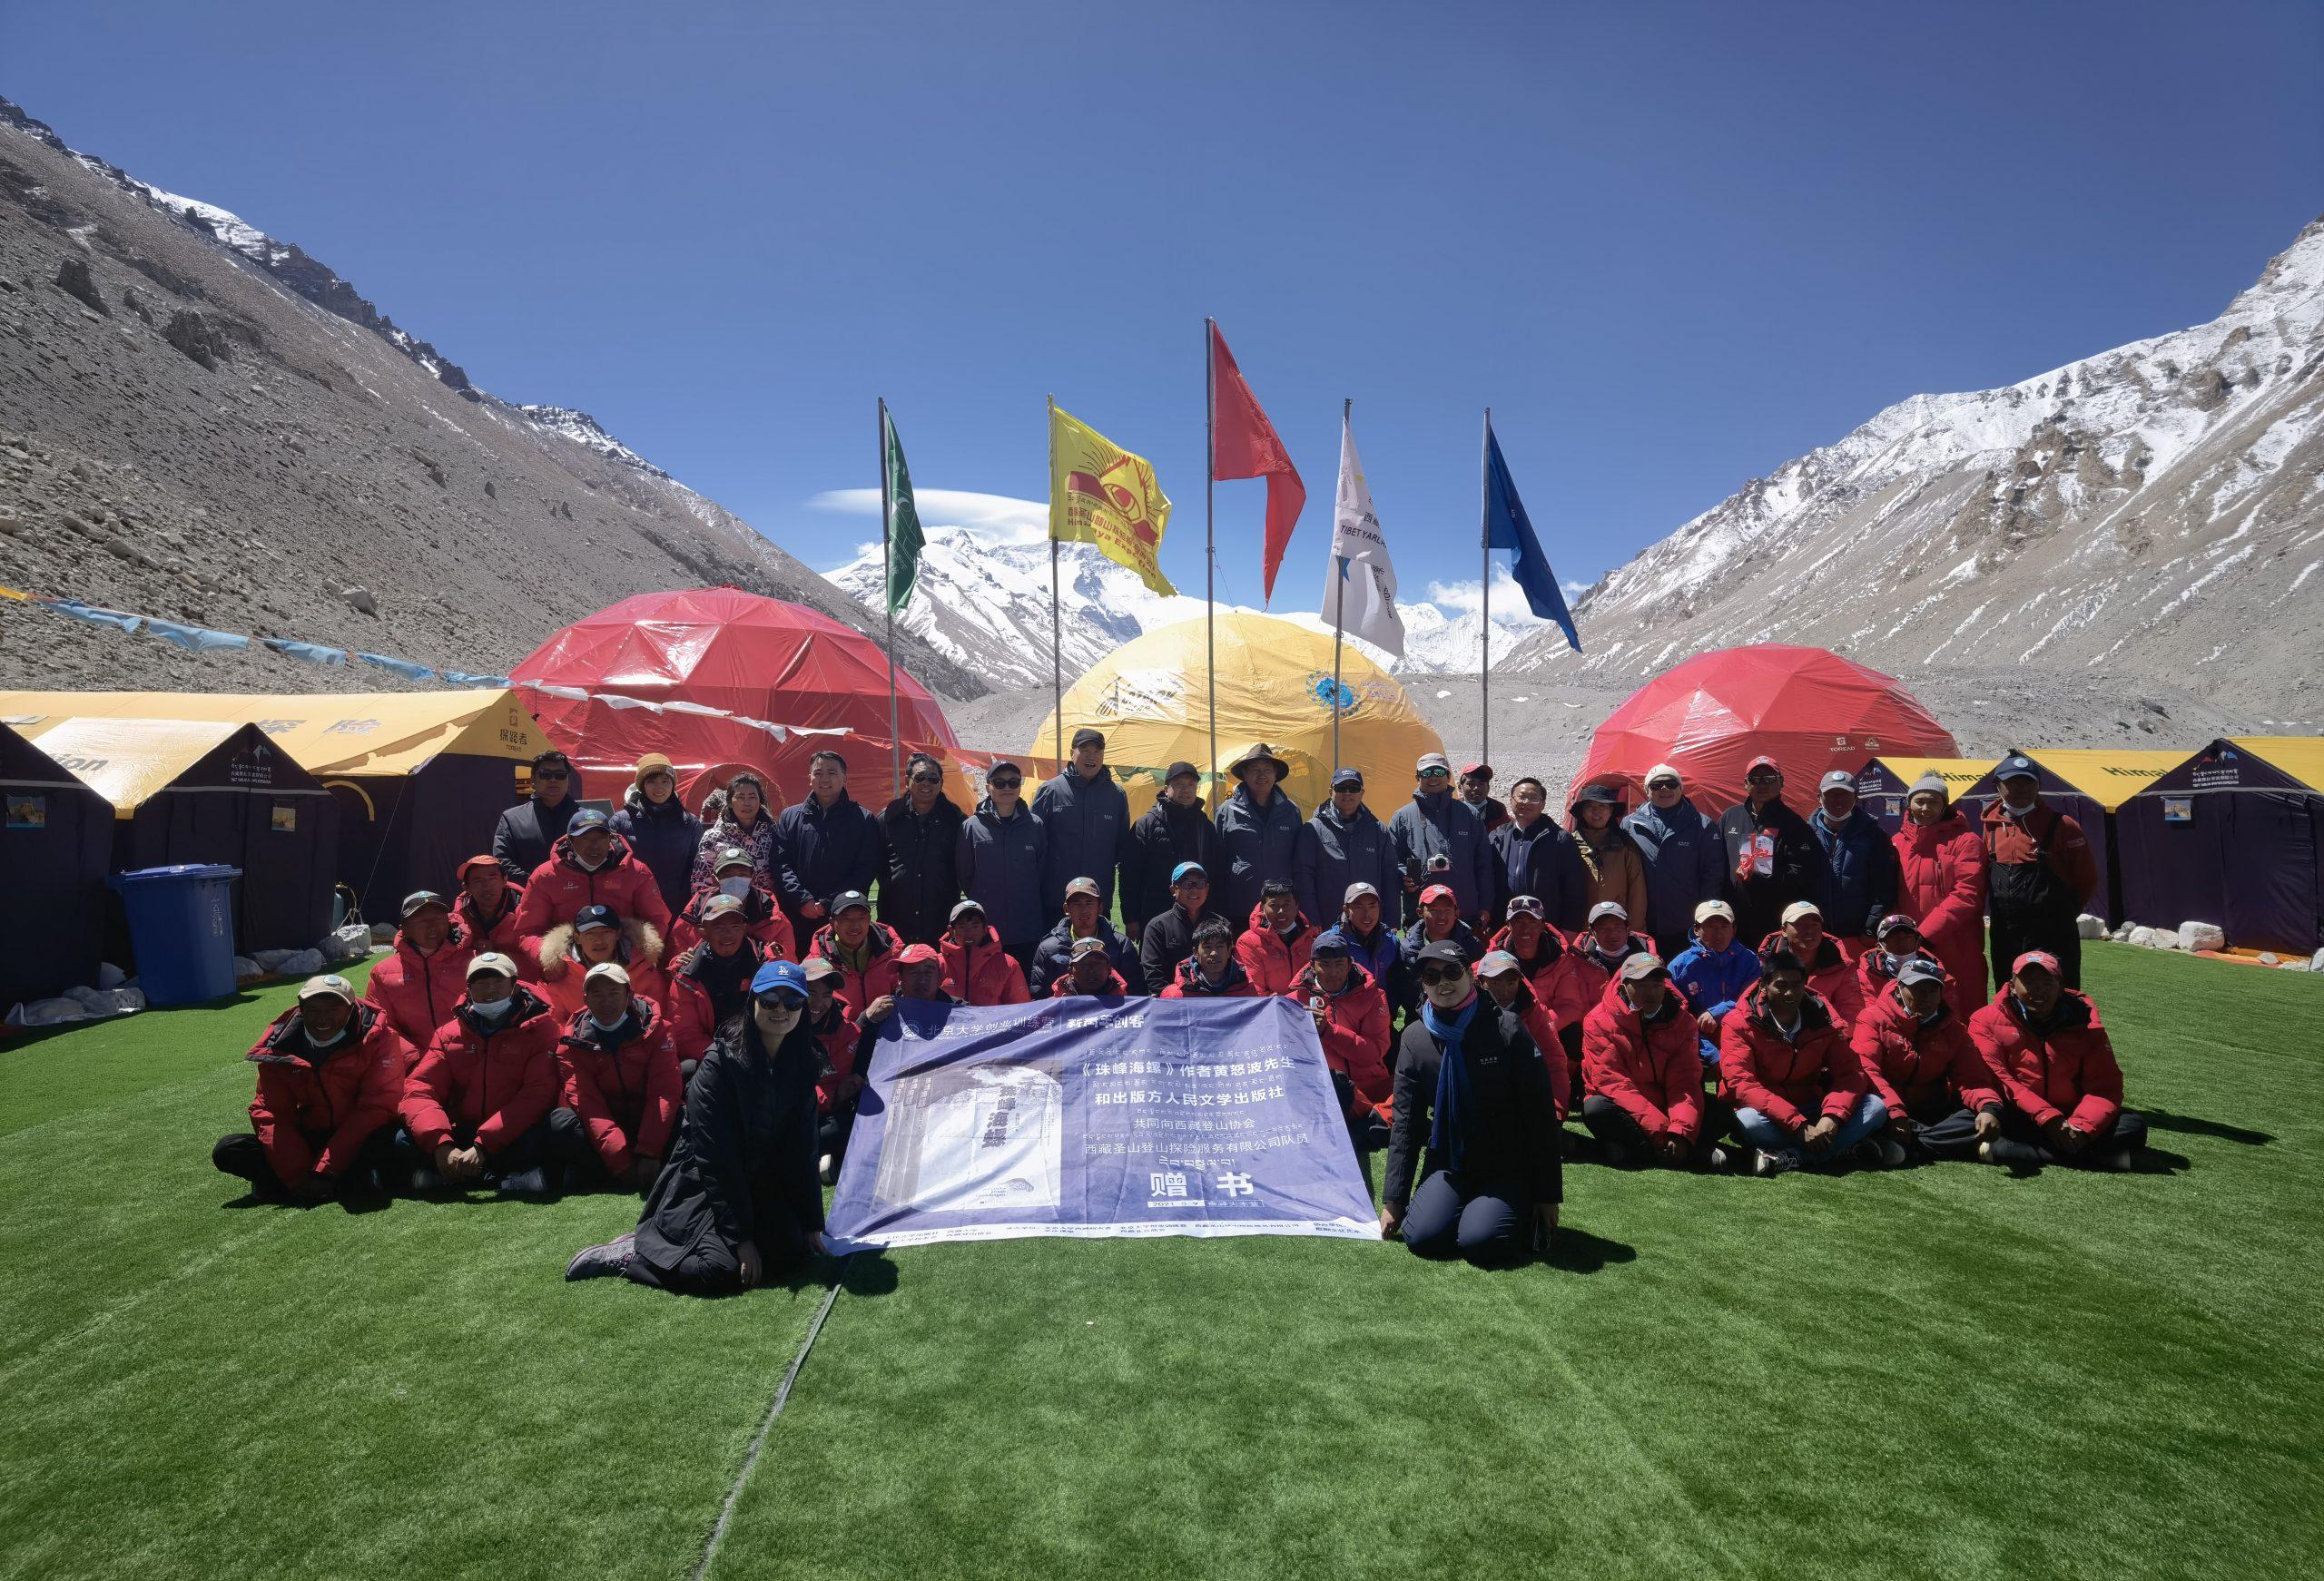 《珠峰海螺》赠书活动在珠峰大本营举办,作者黄怒波和出版方人文社共同致敬登山精神!